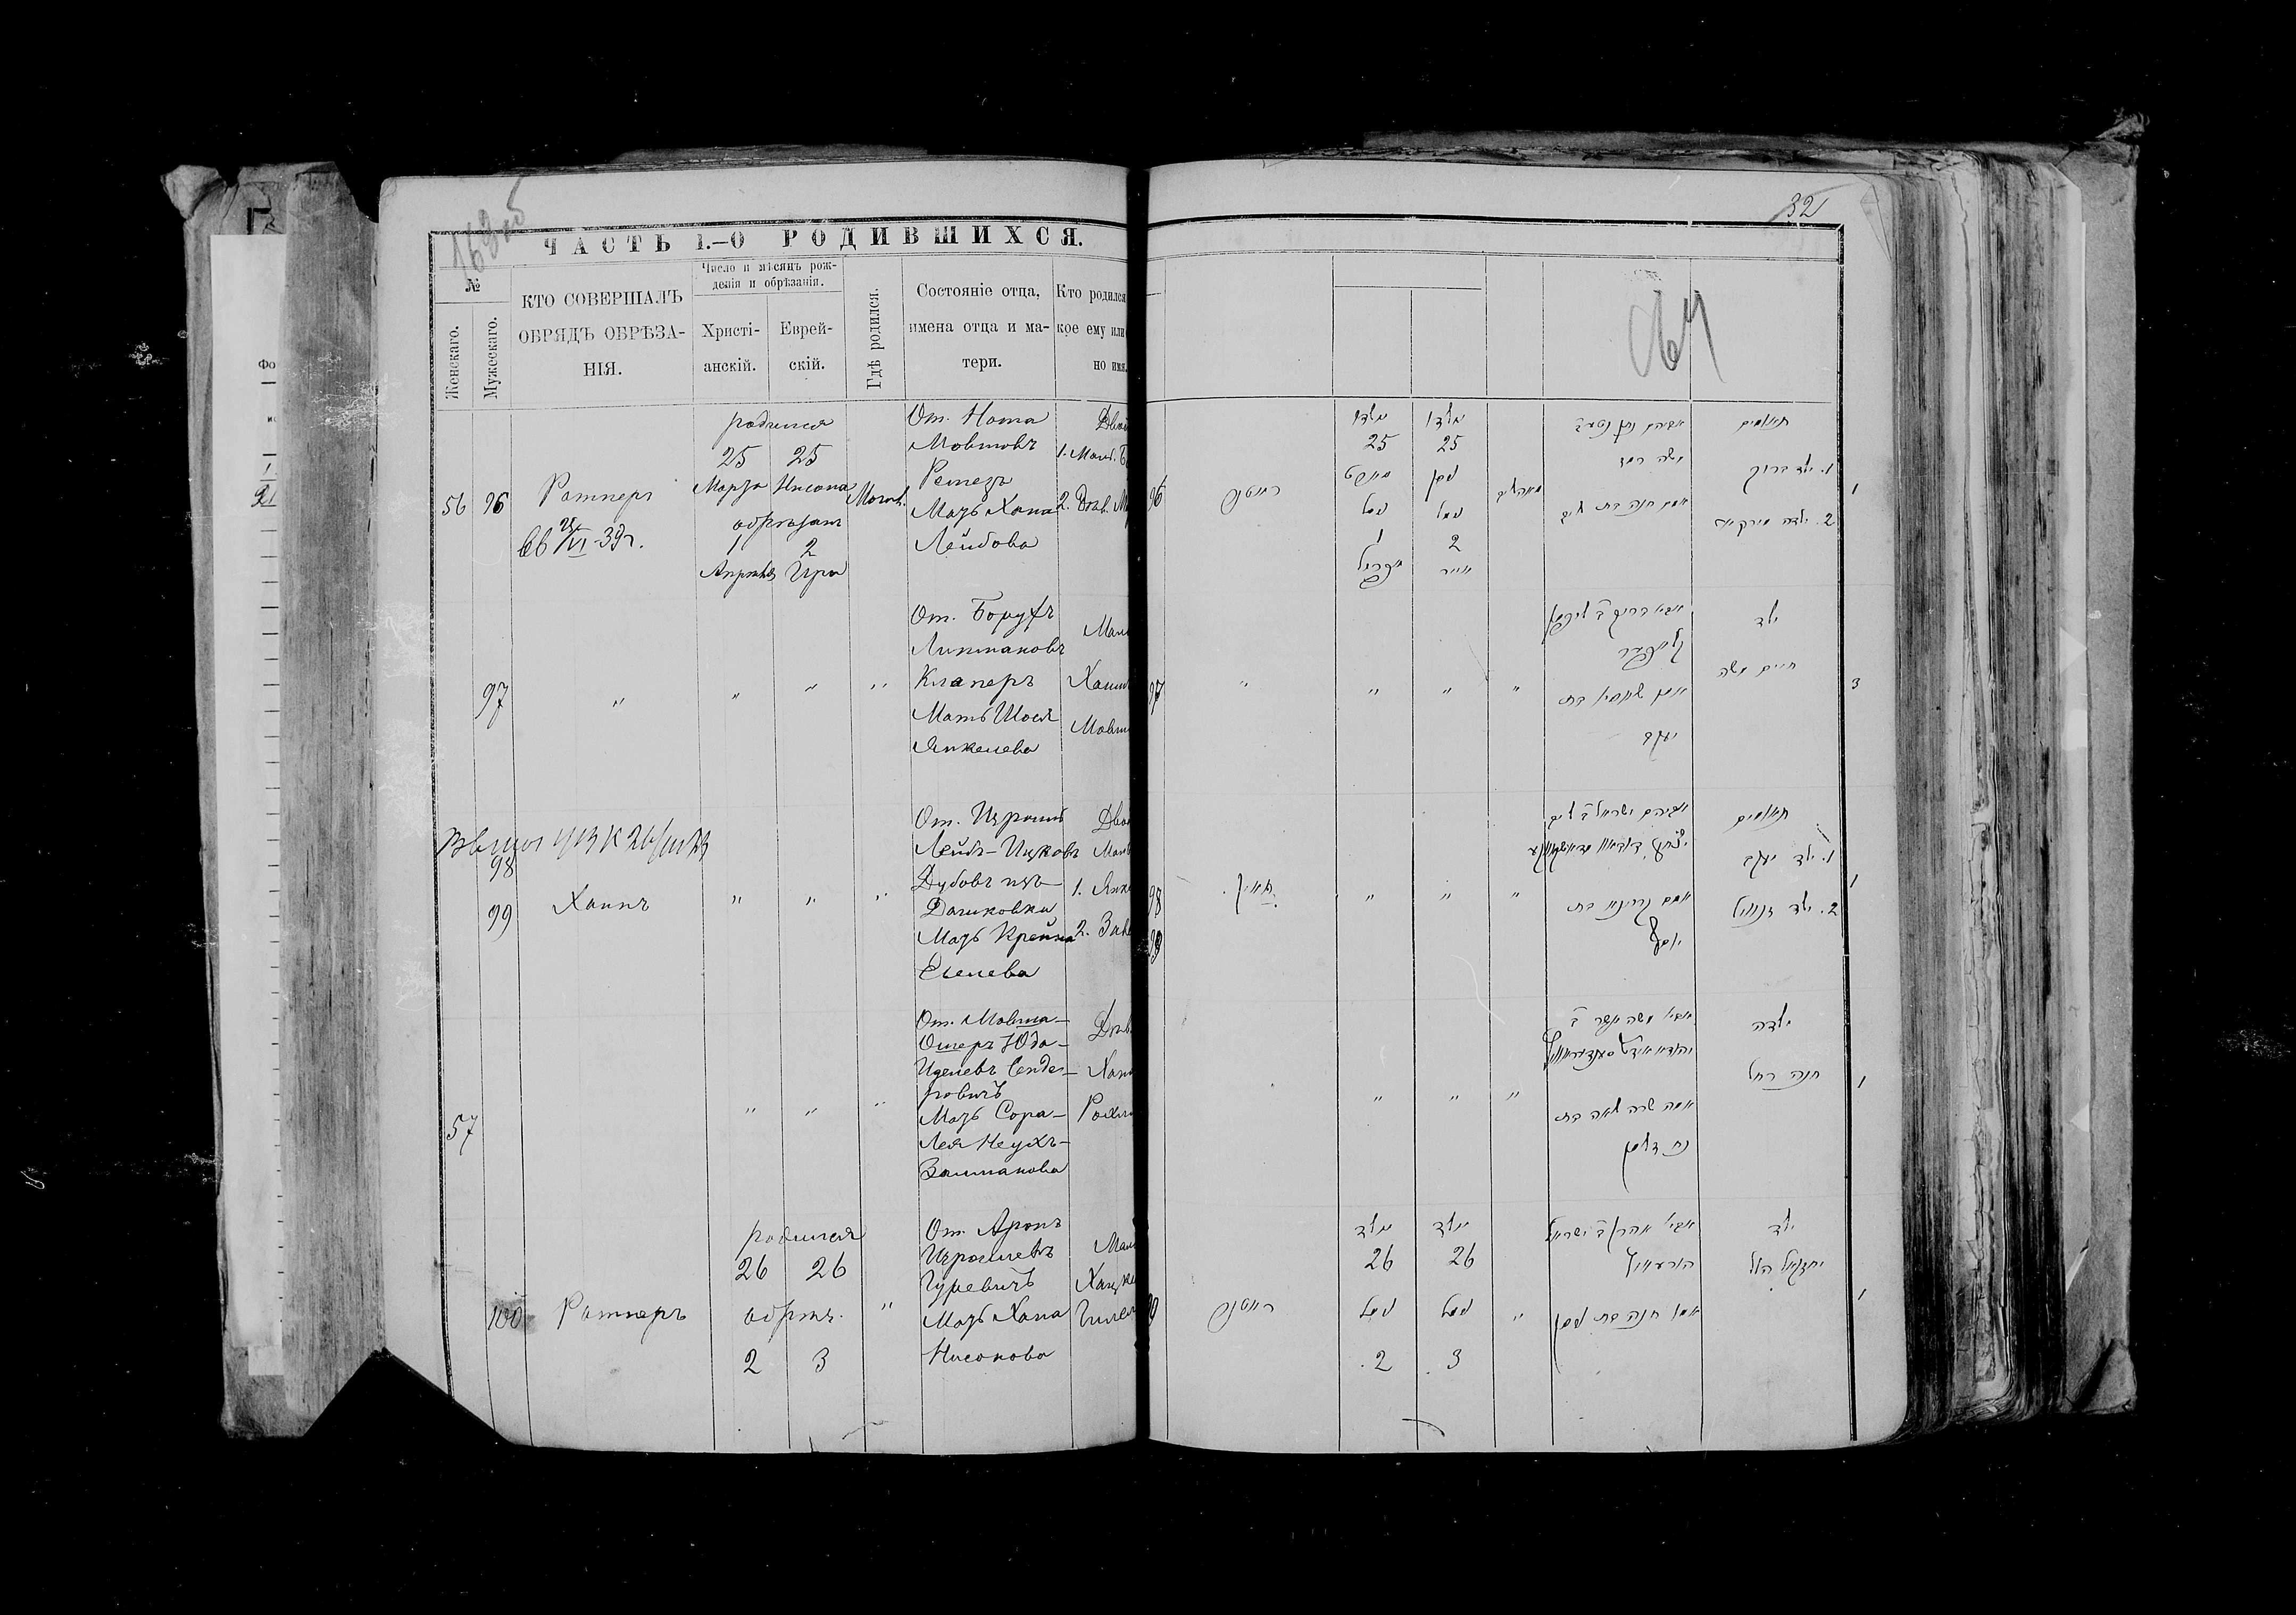 Хана Рохля 1 апреля 1888, запись 57, пленка 007766484, снимок 9